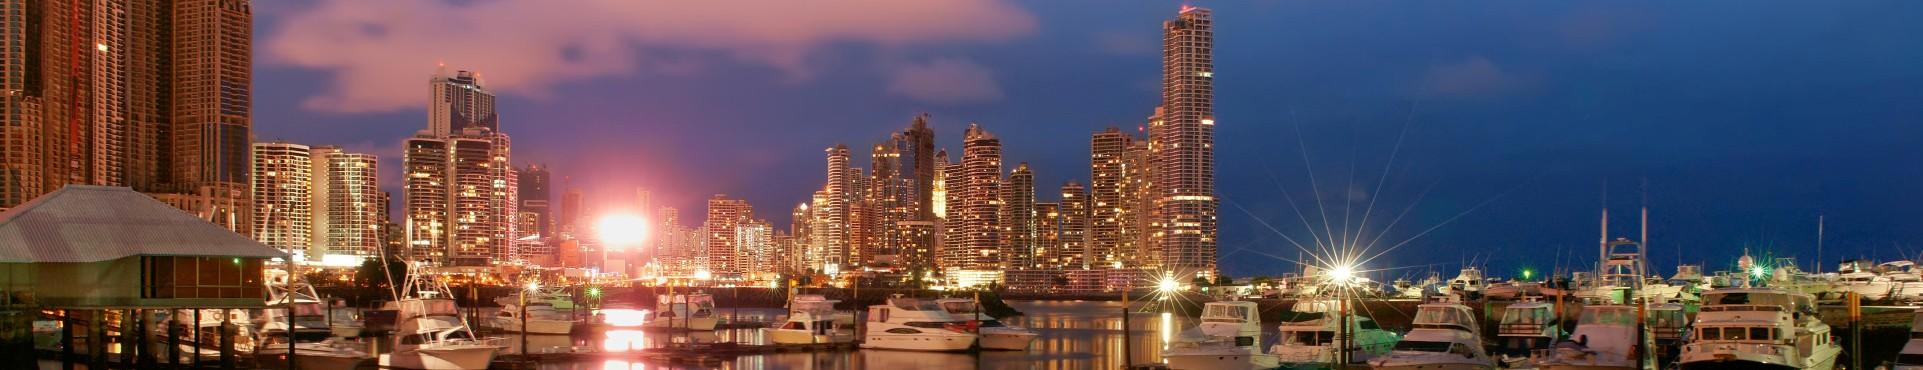 PANAMA_CITY2